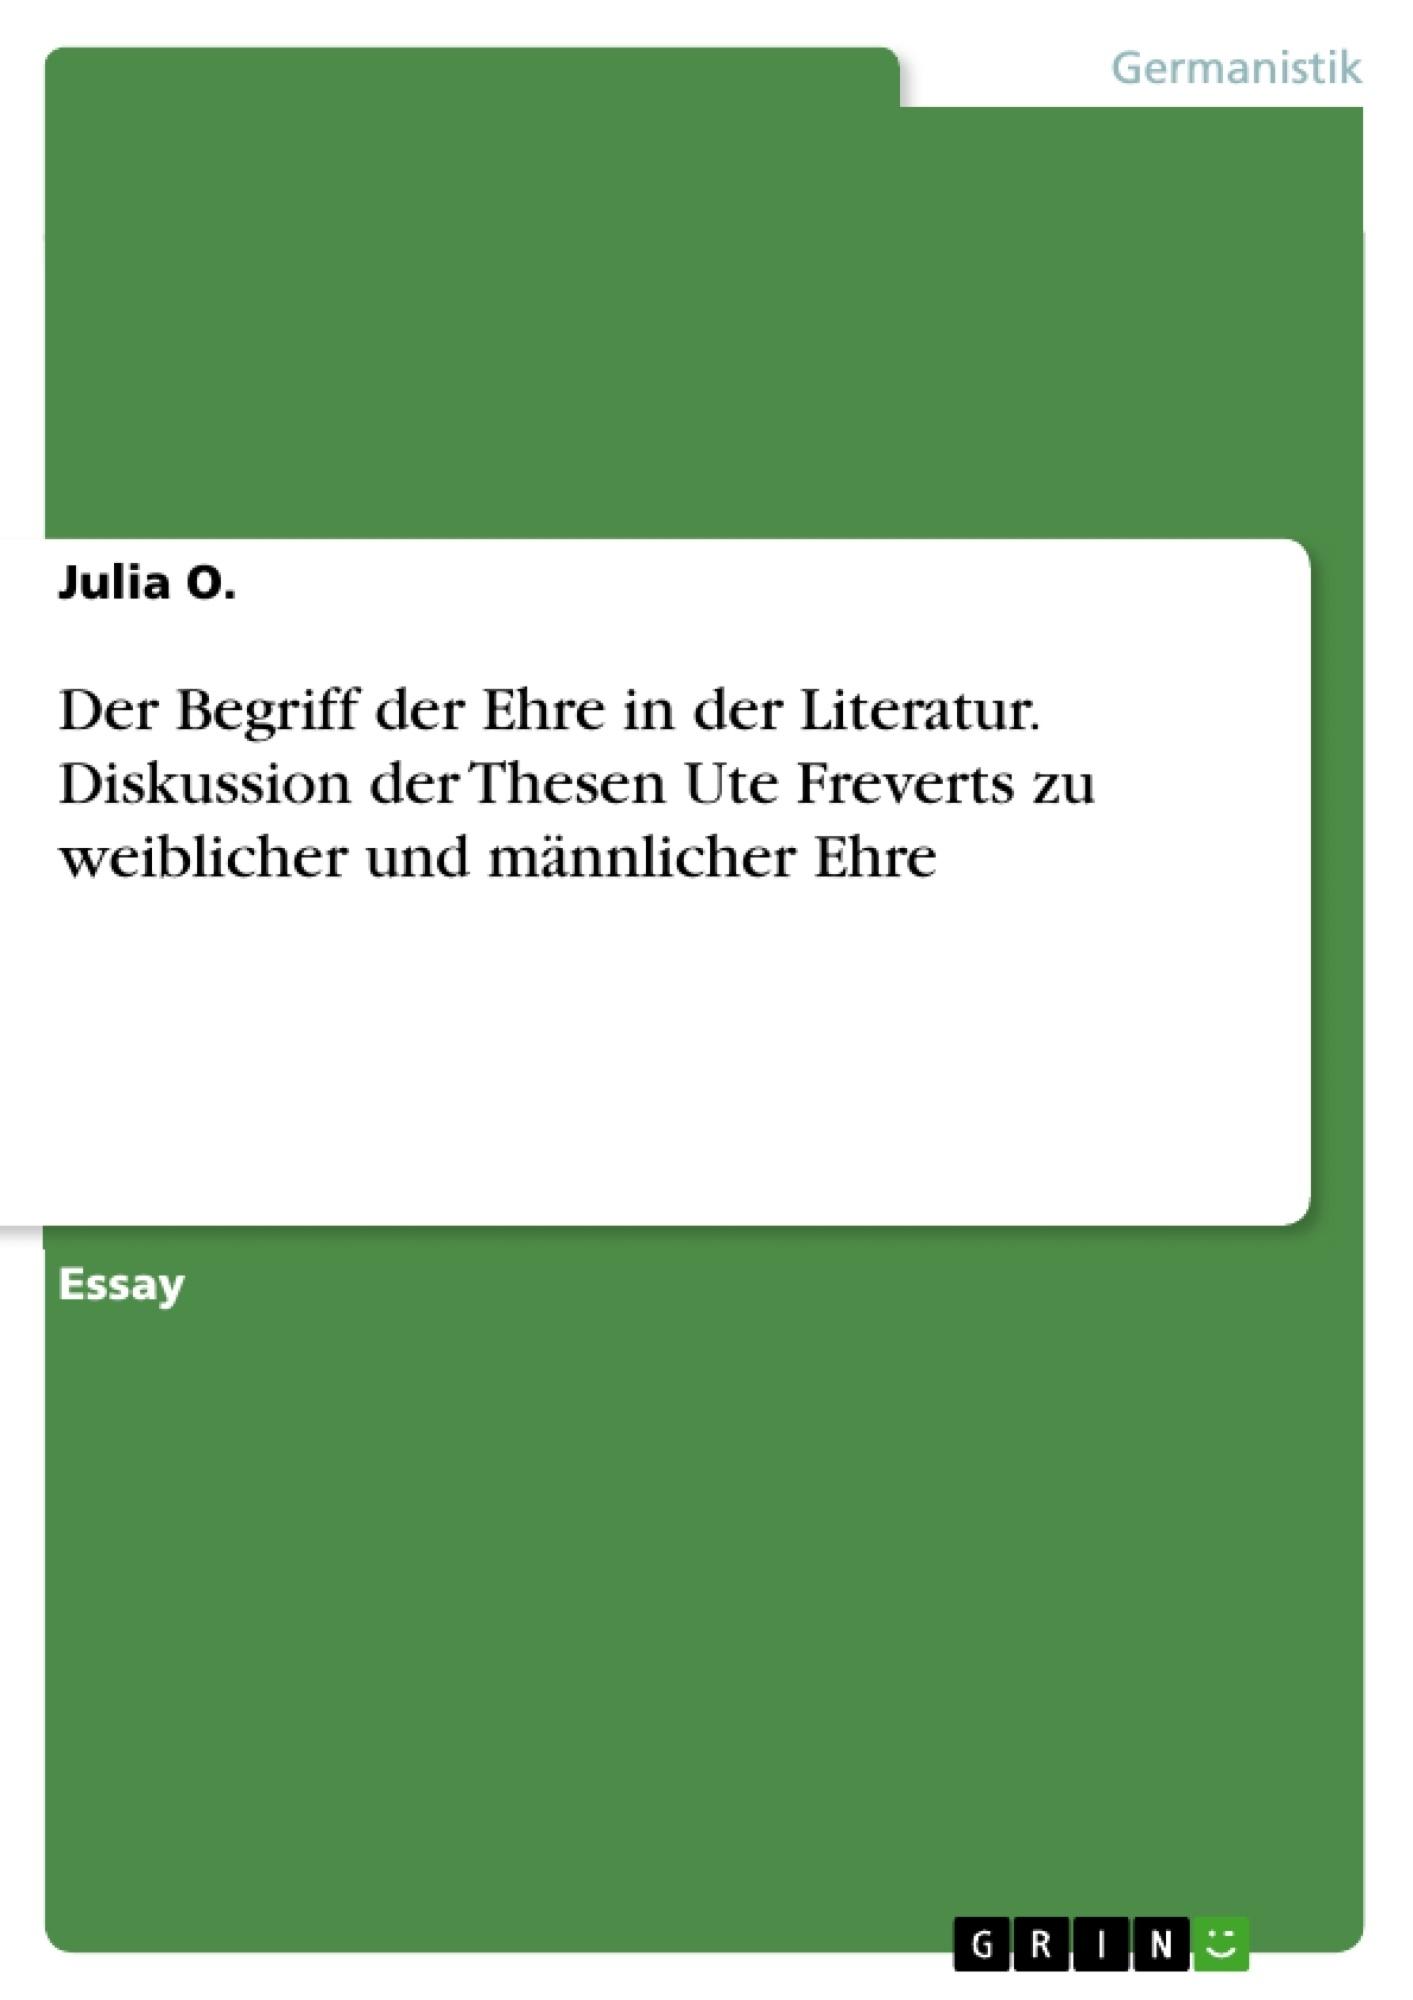 Titel: Der Begriff der Ehre in der Literatur. Diskussion der Thesen Ute Freverts zu weiblicher und männlicher Ehre